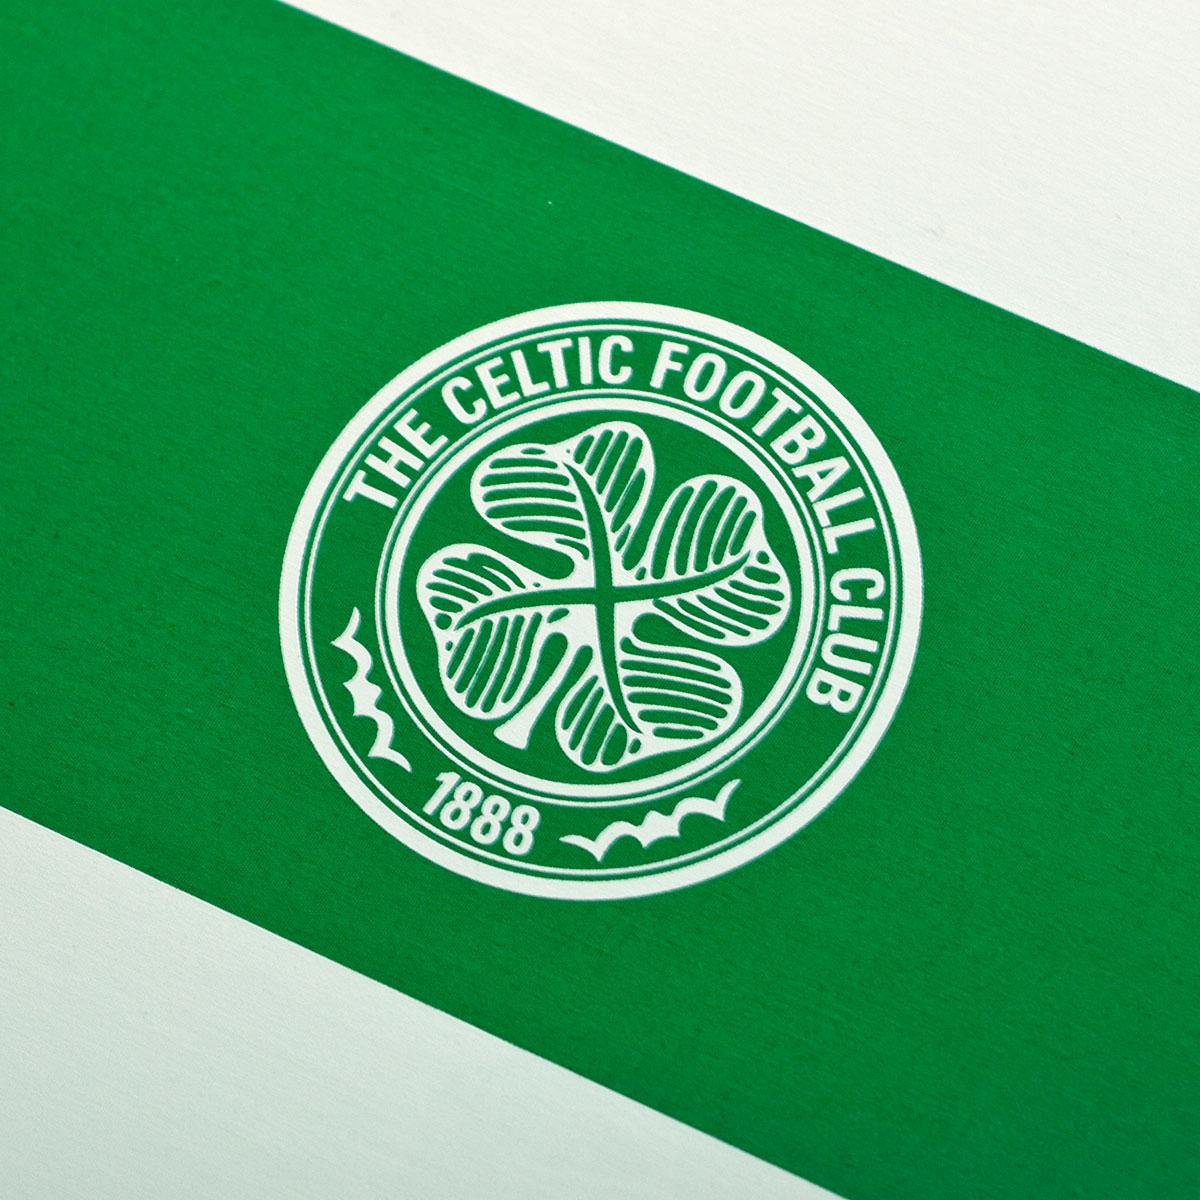 The Celtic Football Club Midi Opus